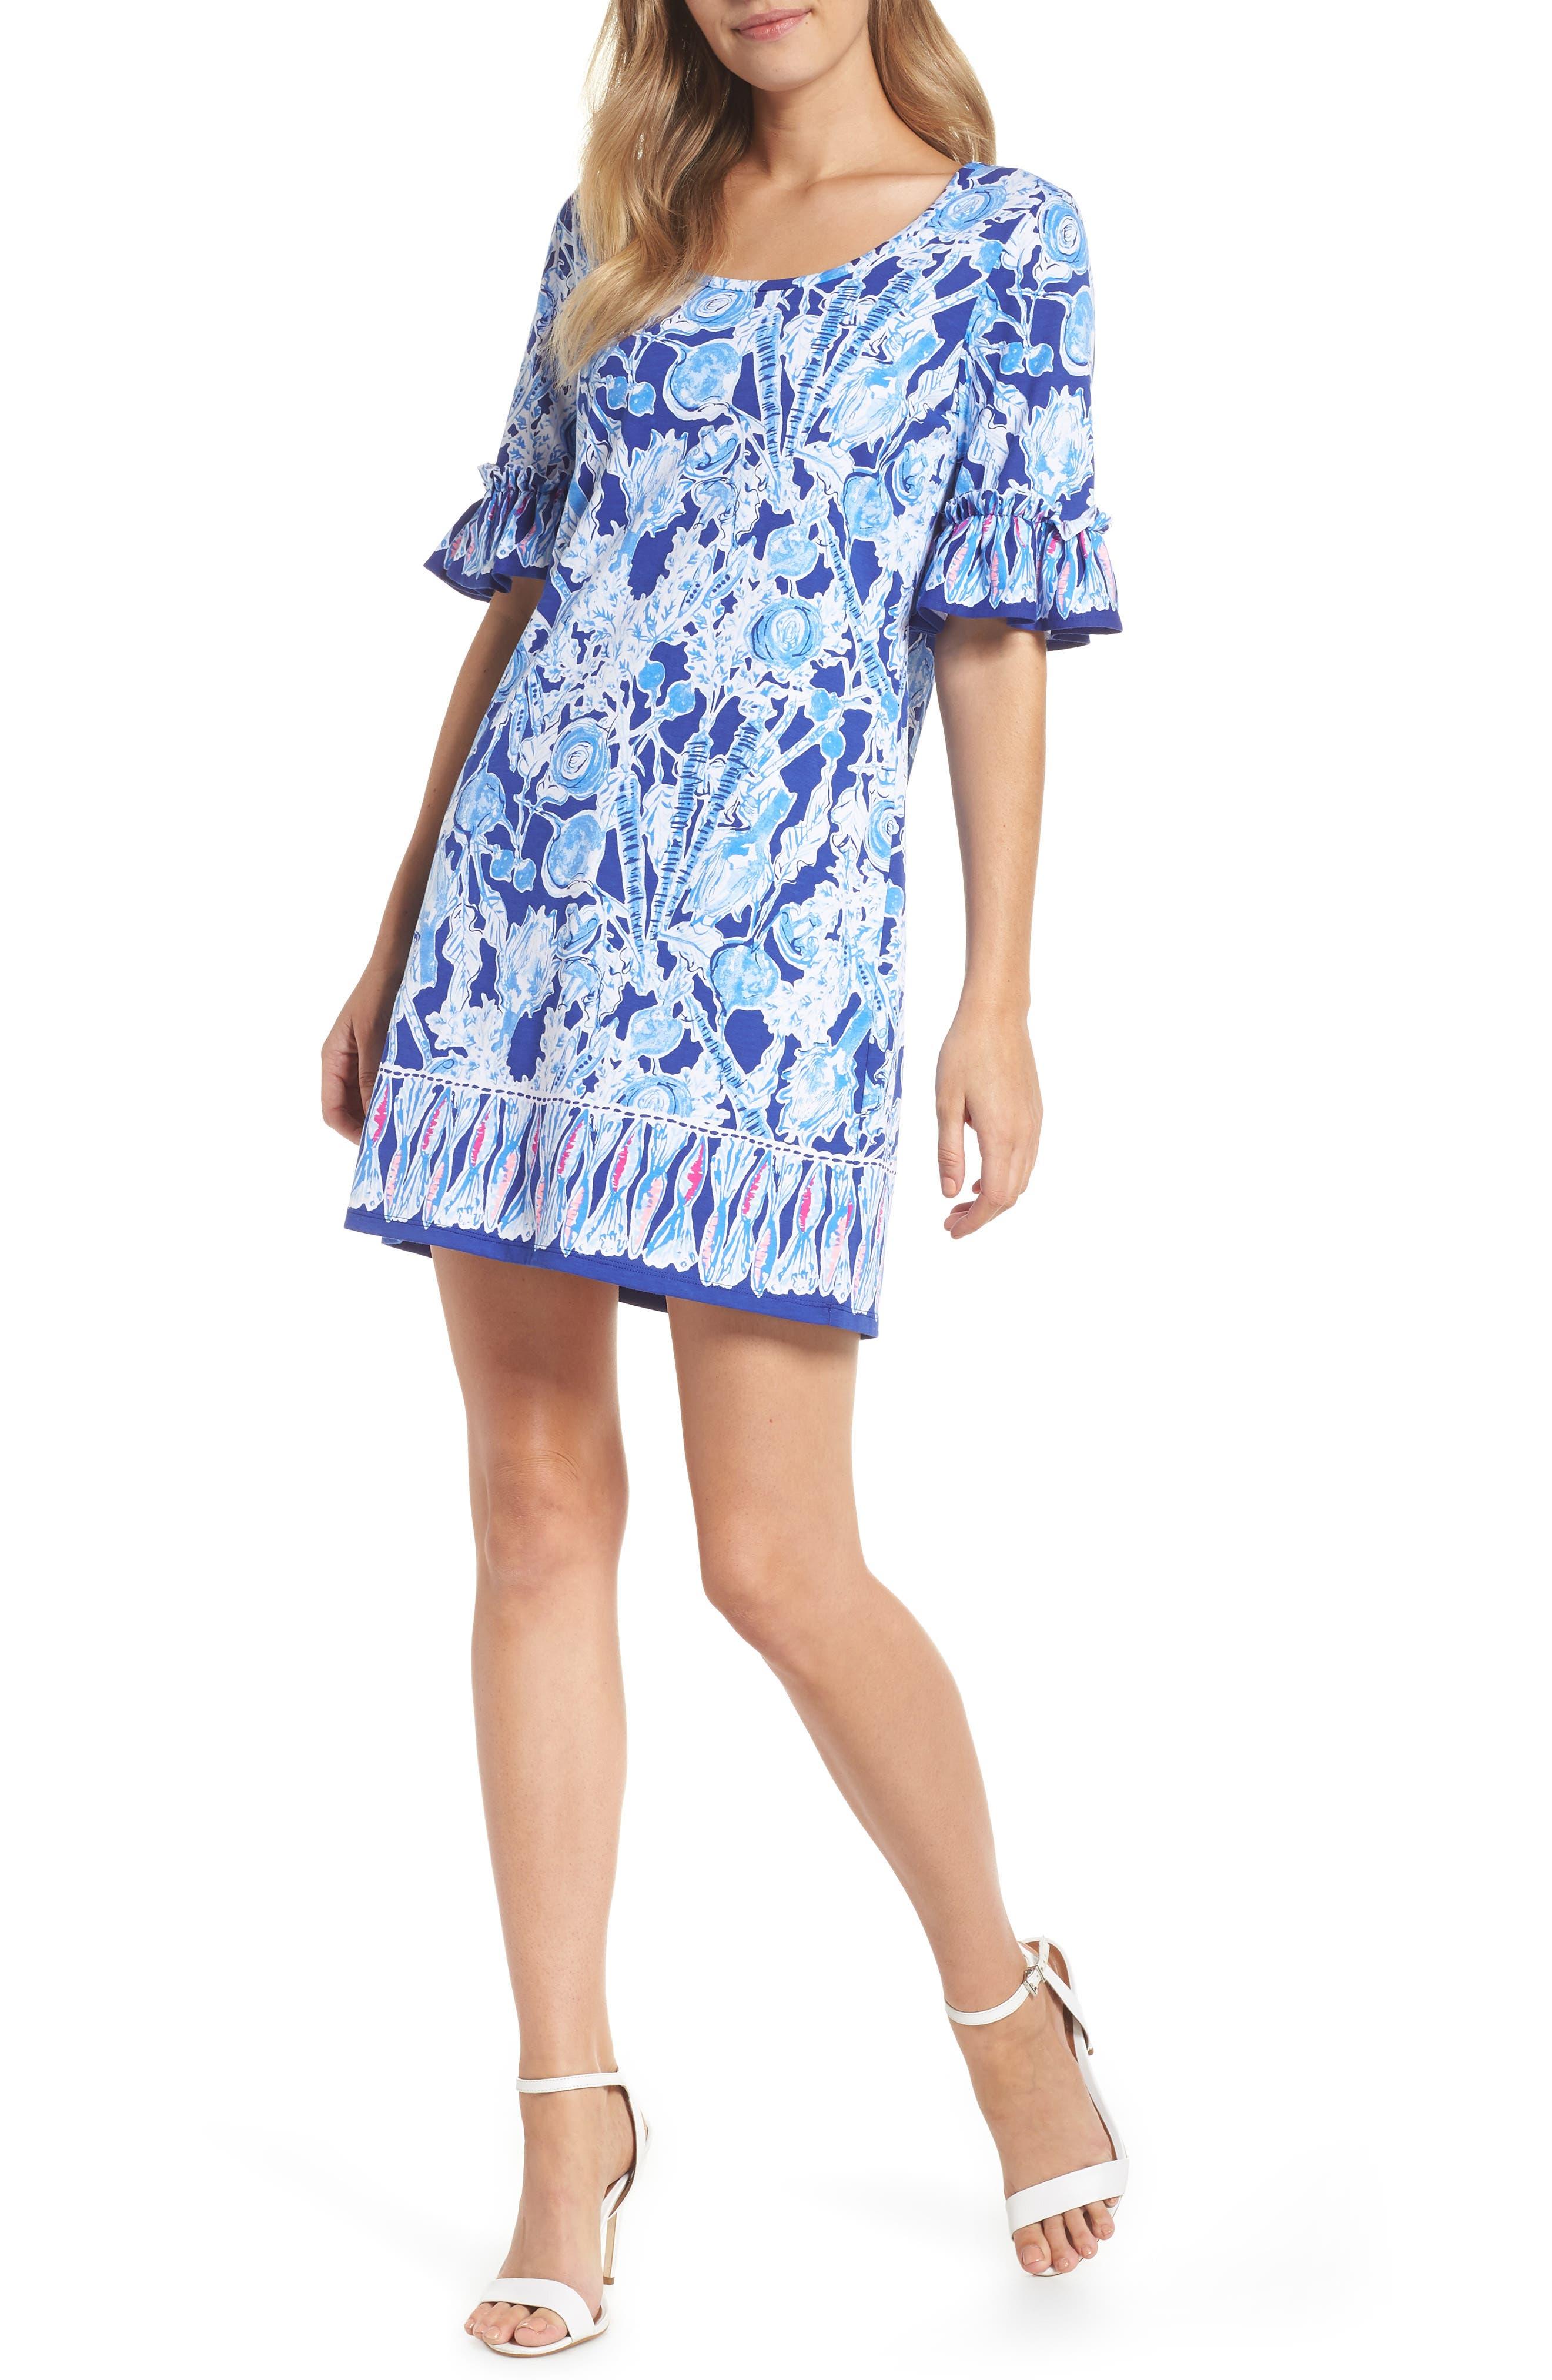 Lilly Pulitzer Jayden Shift Dress